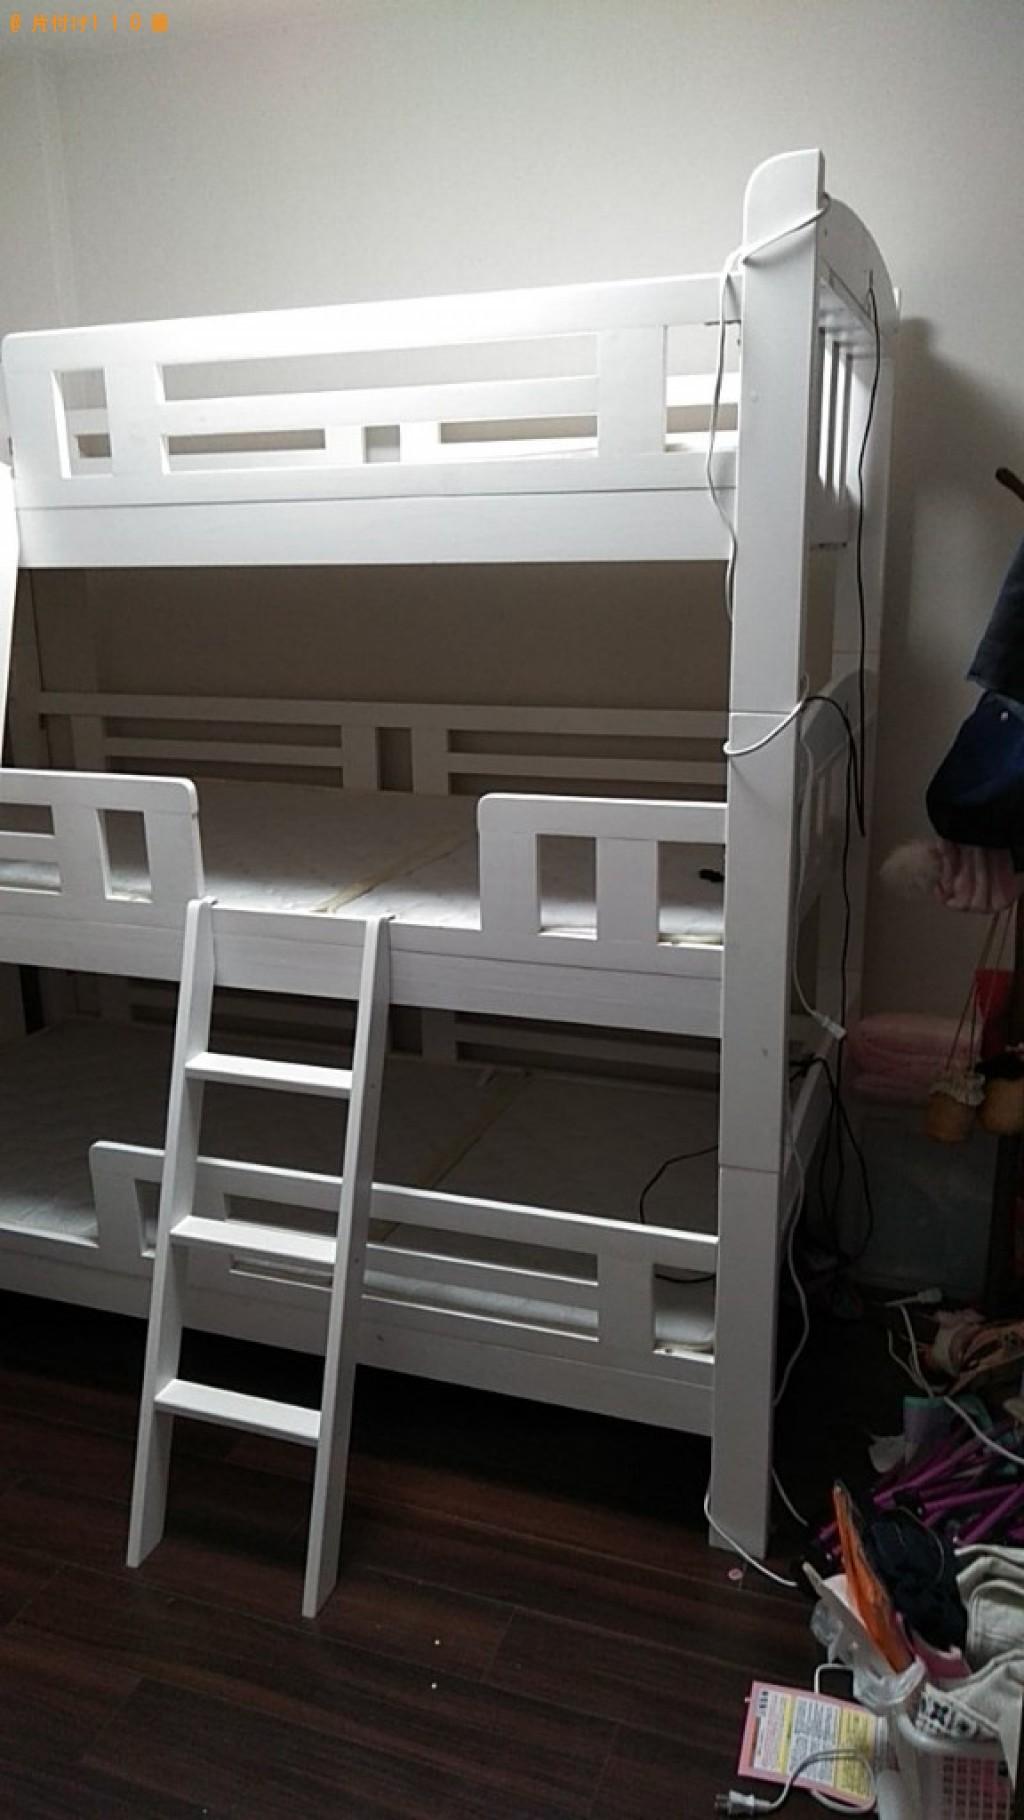 【松山市歩行町】二段ベッド、ダブルベッド、ベッドマットレスの回収